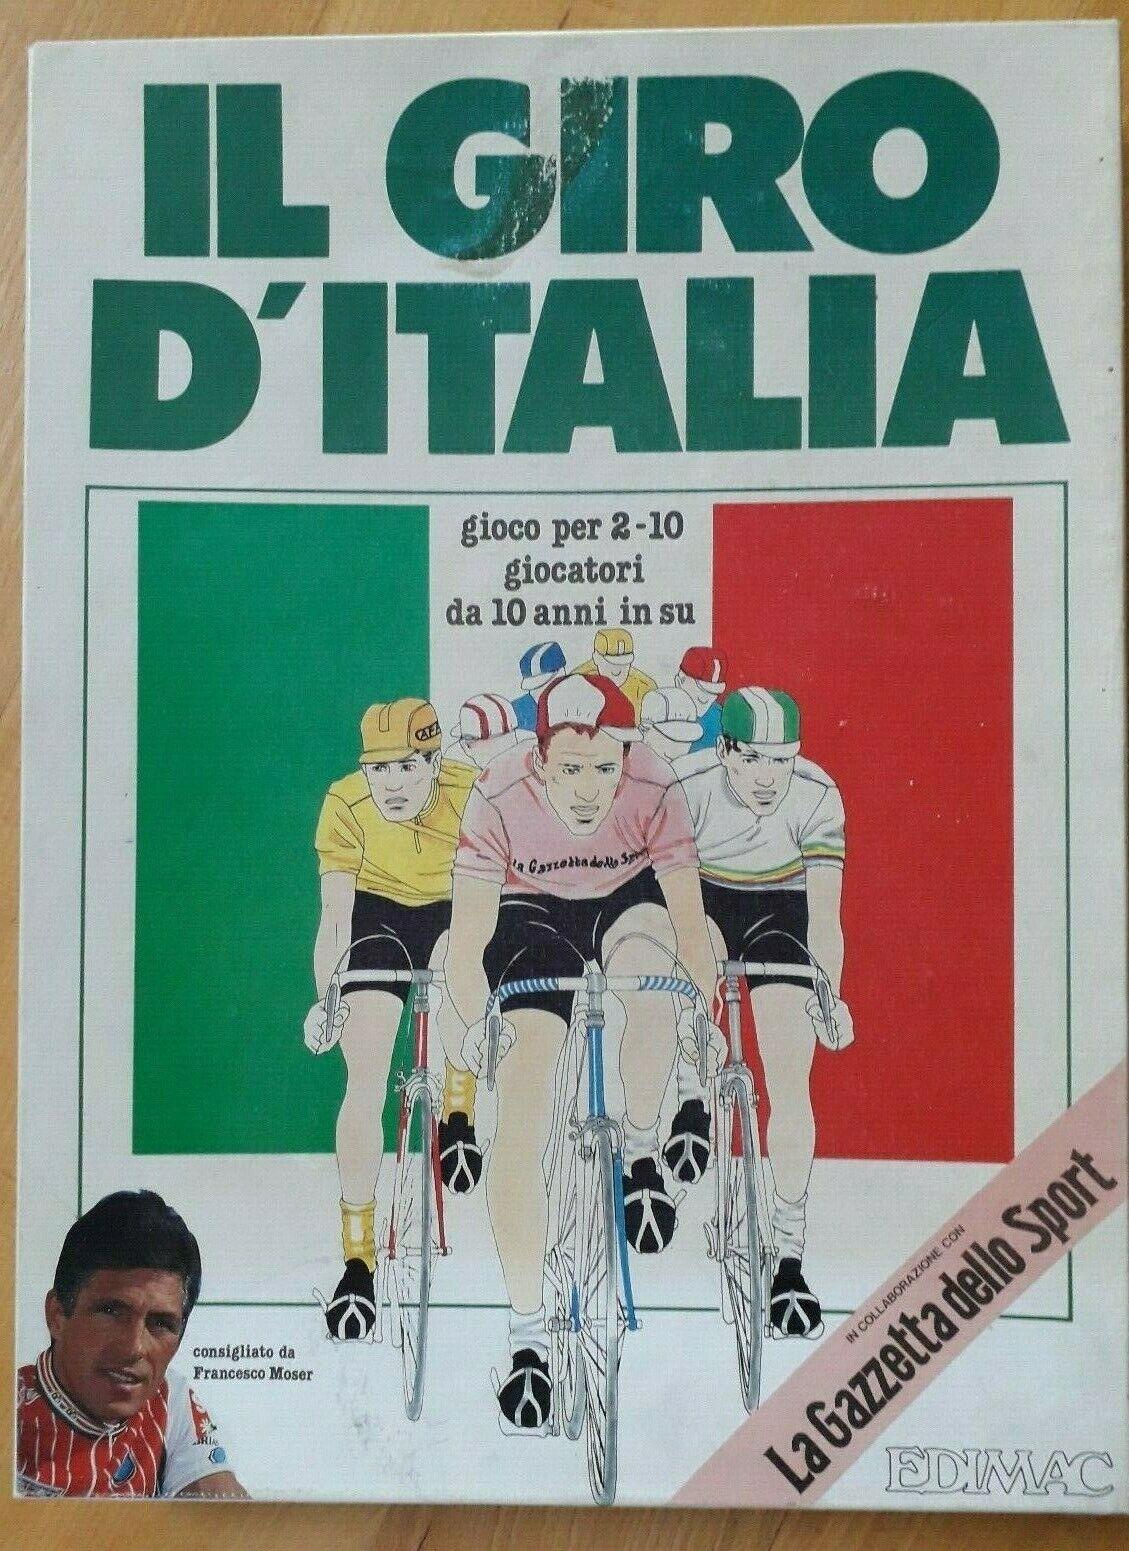 Los mejores precios y los estilos más frescos. Il Giro d 'Italia-Team 'Italia-Team 'Italia-Team International-edimac  Envio gratis en todas las ordenes